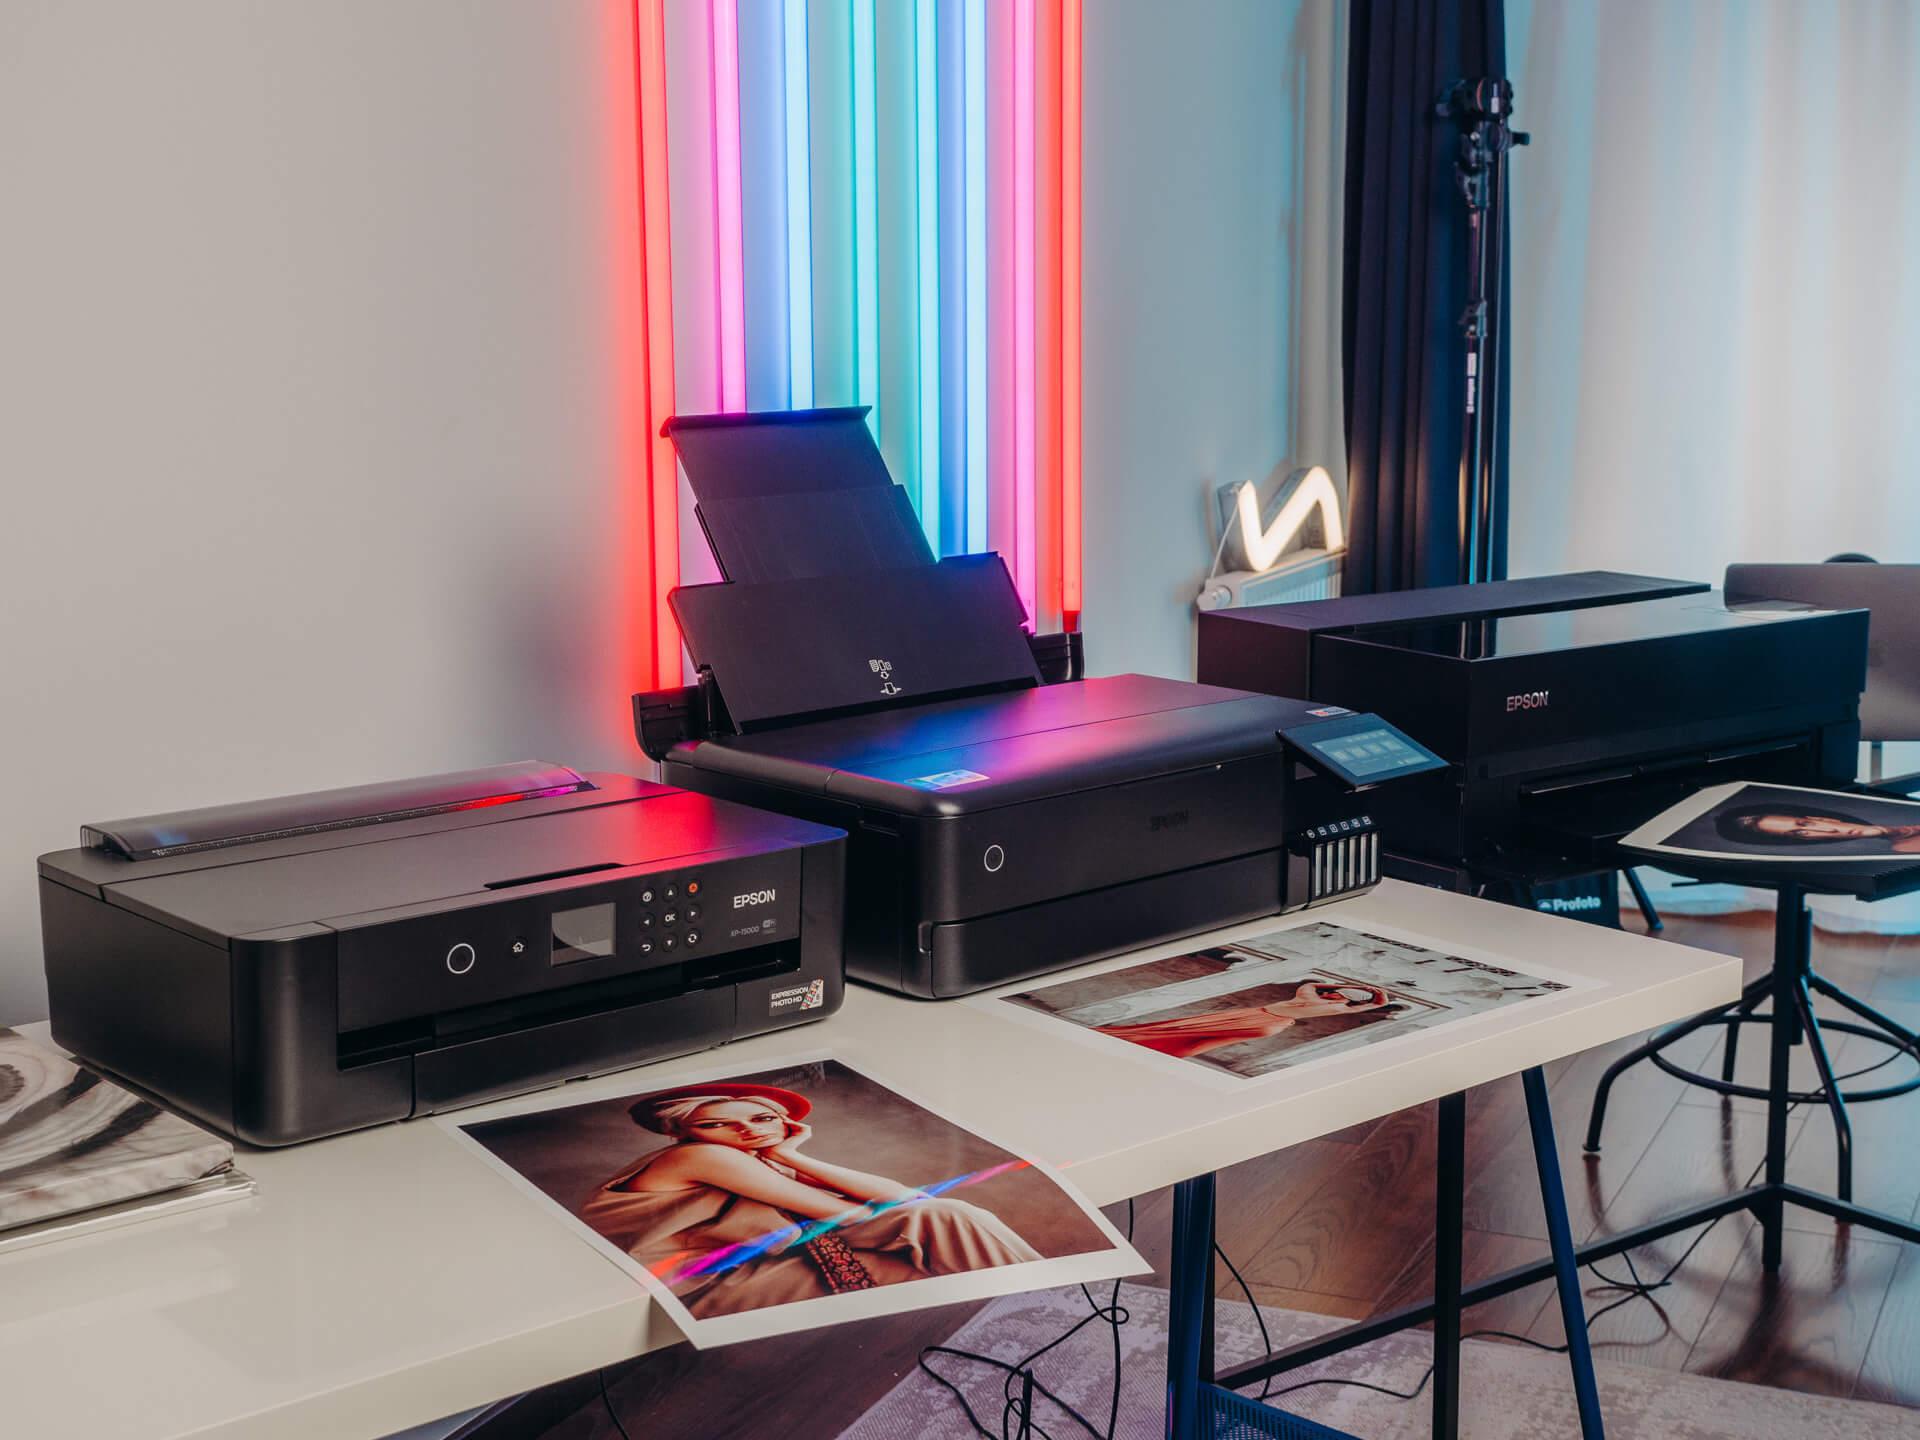 Na moje biurka trafiły 3 modele drukarek do zdjęć firmy Epson - XP15000, L8180 i P900. Każda z nich ma swoje mocniejsze i słabsze strony, ale jedno jest pewne - z każdej z nich otrzymacie zdjęcia wspaniałej jakości.